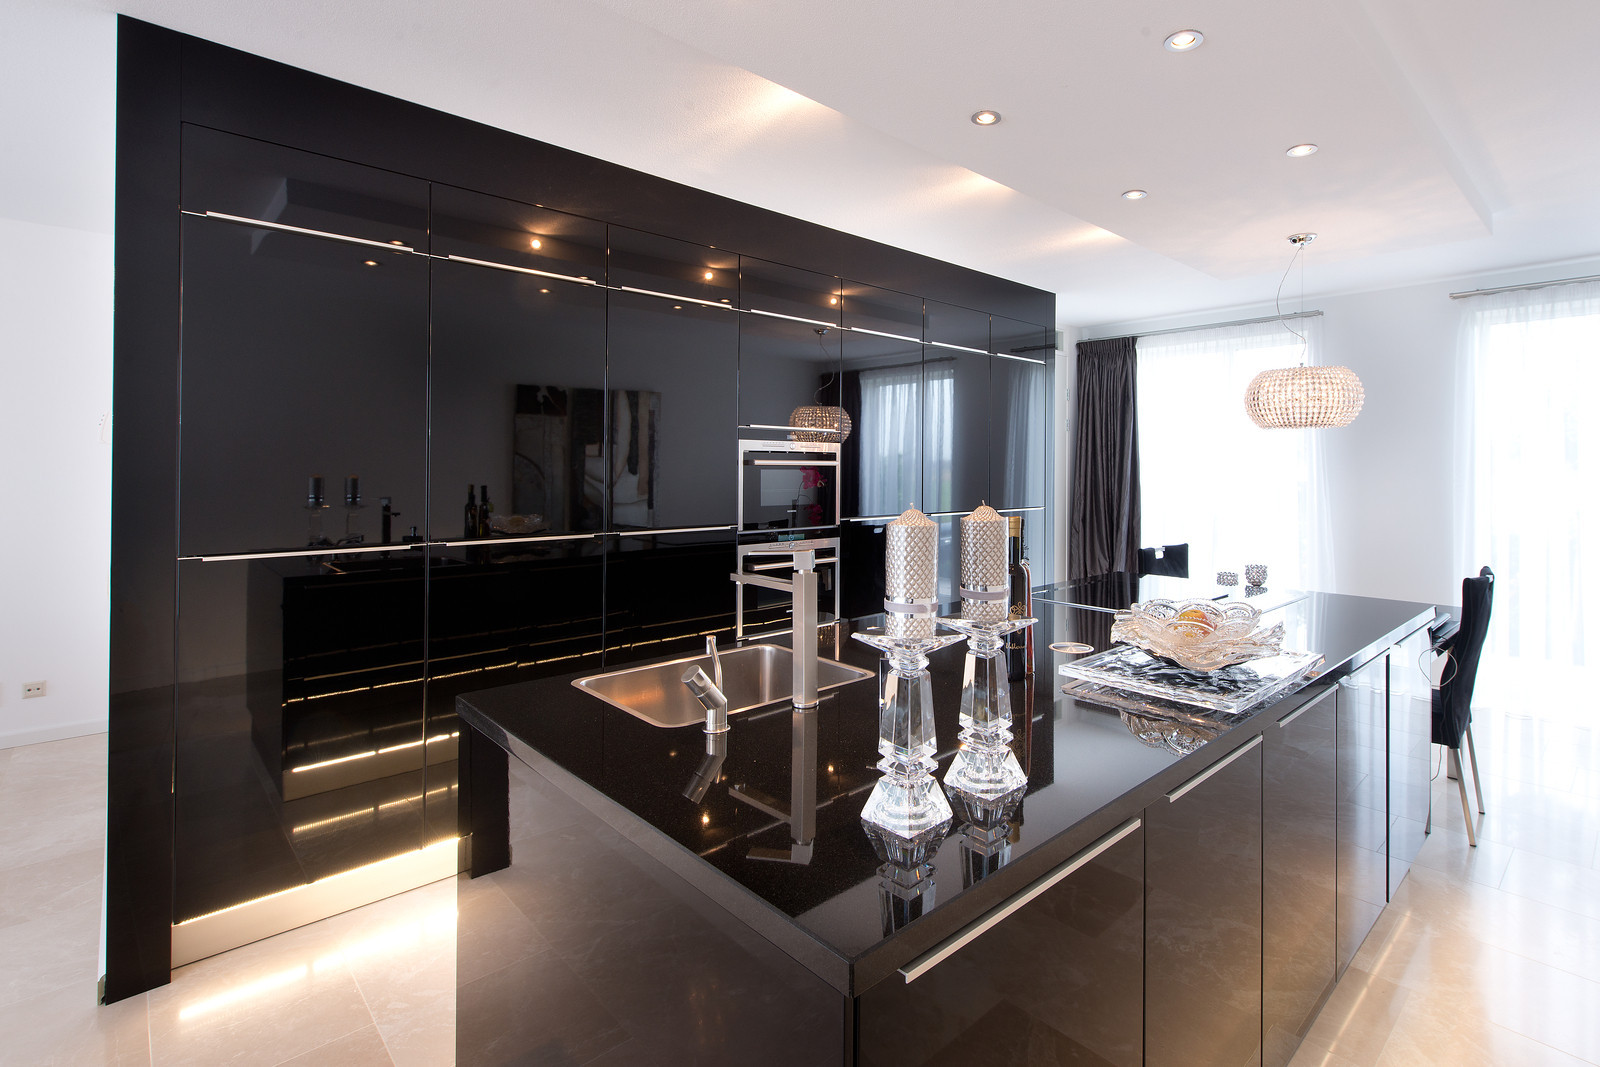 Luxe Zwarte Keukens Bij Tieleman Keukens Product In